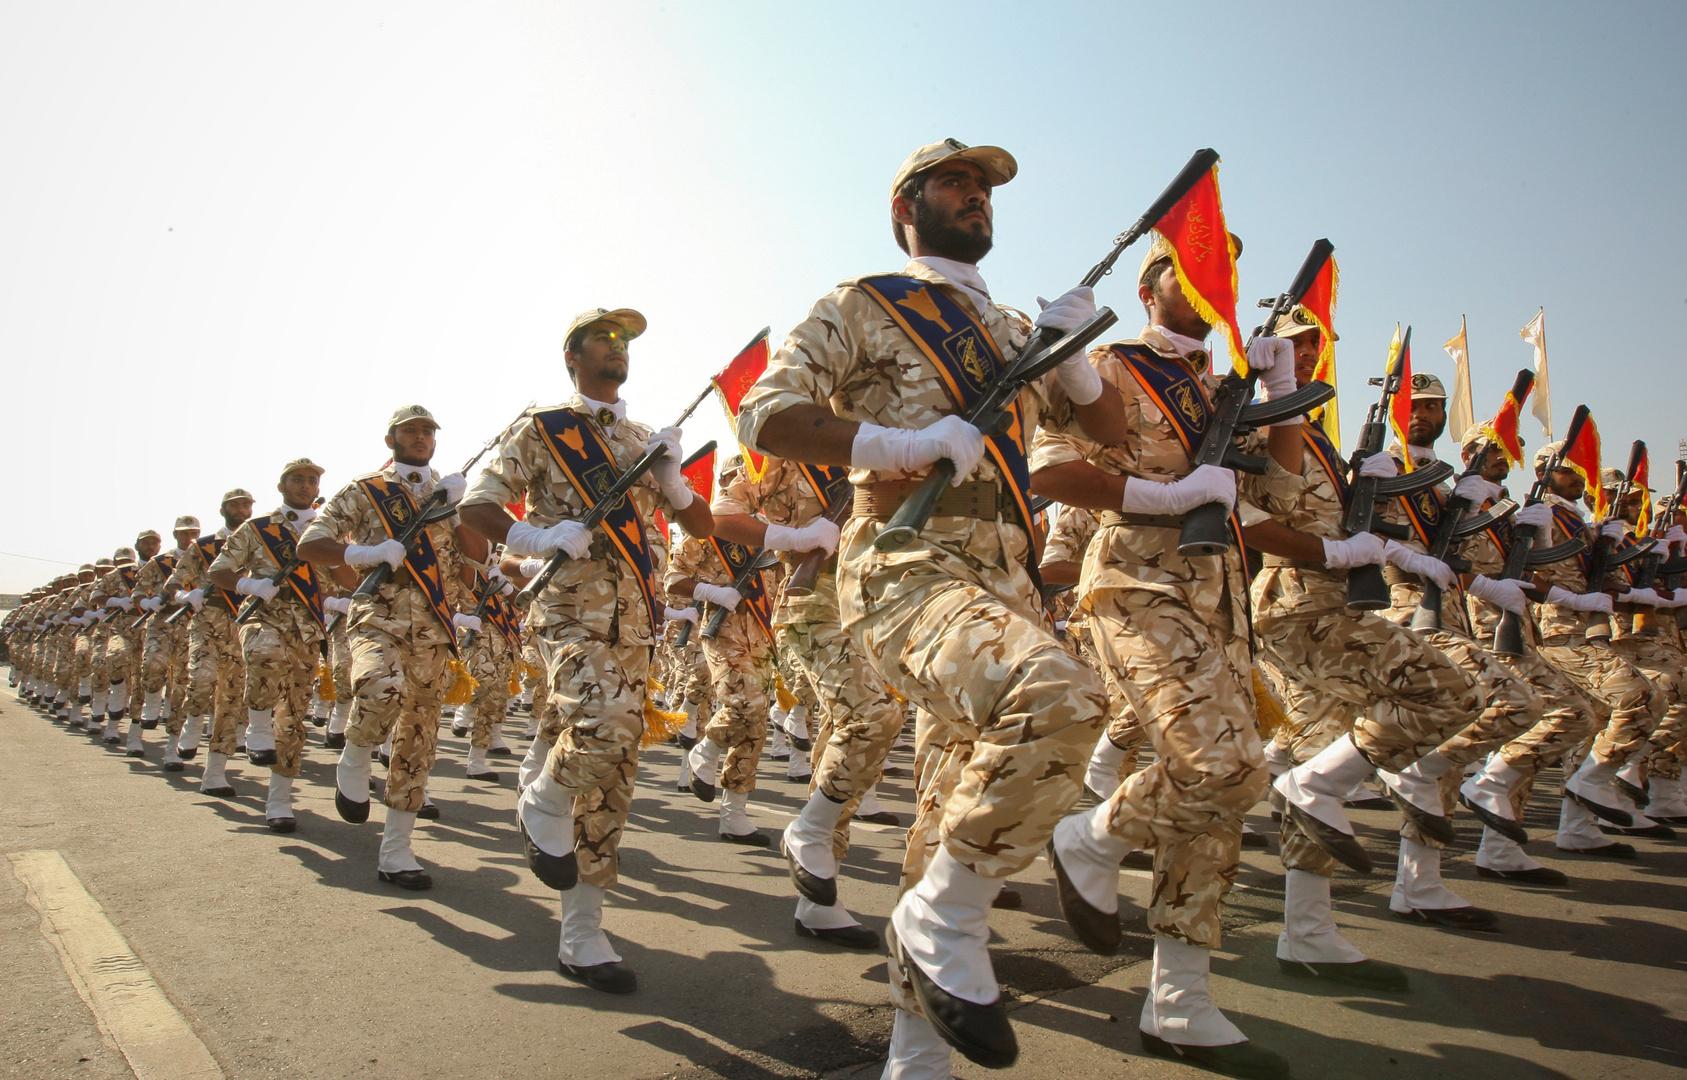 مقتل 4 عناصر من الحرس الثوري الإيراني في اشتباكات بجنوب شرق البلاد